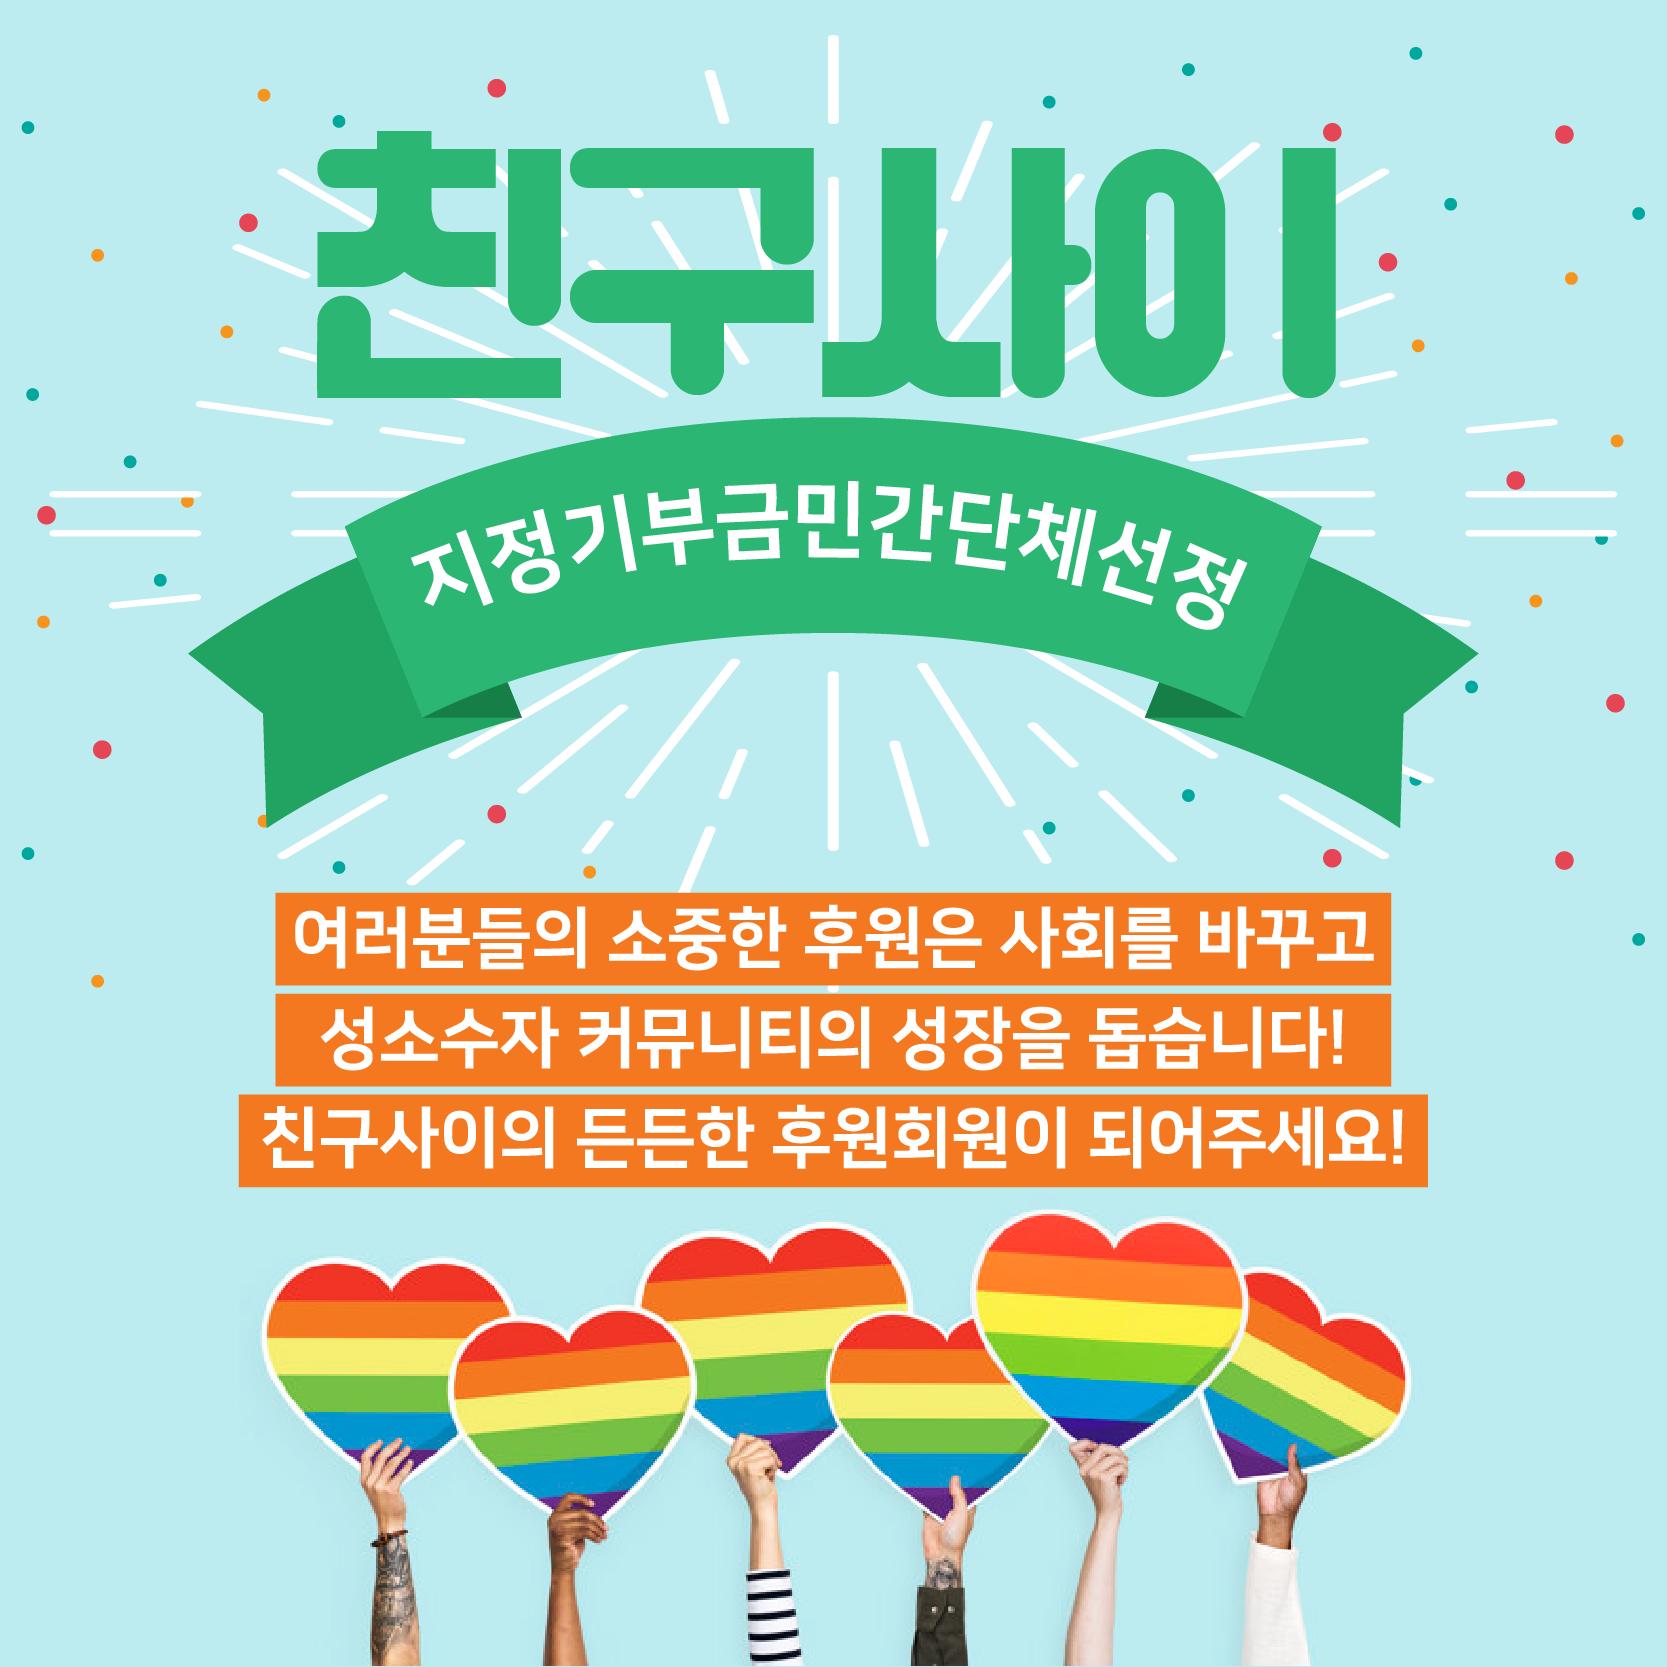 2019_친구사이 지정기부금단체 선정.png